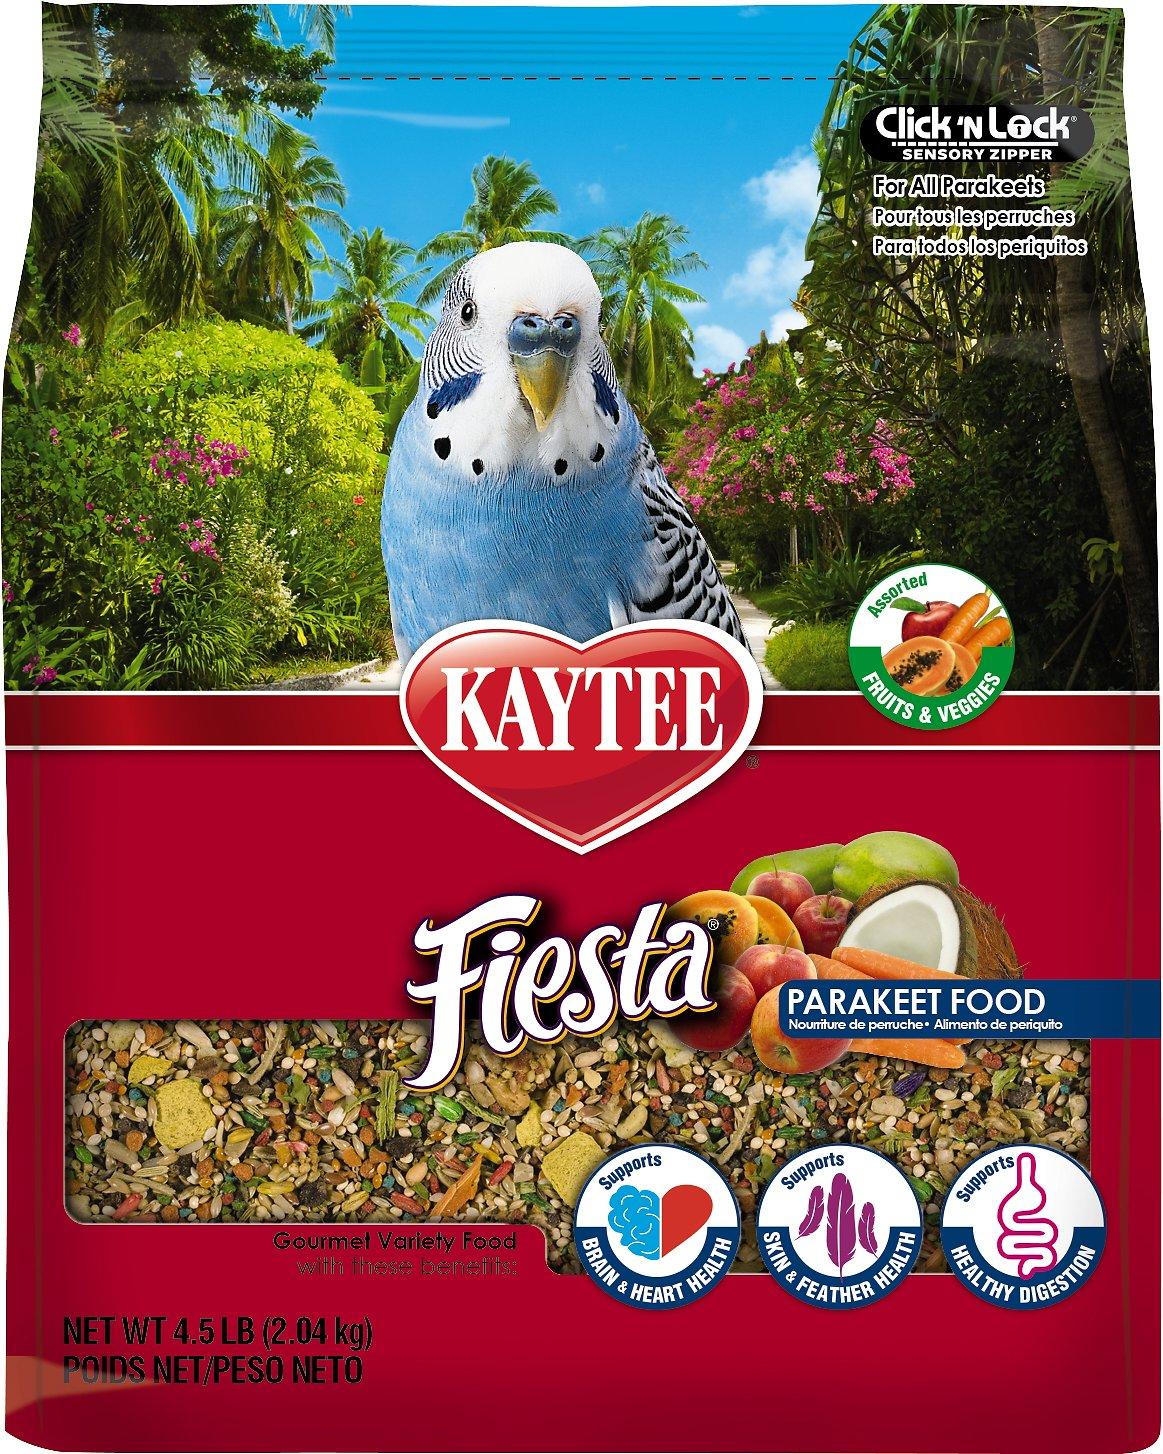 Kaytee Fiesta Variety Mix Parakeet Bird Food Image